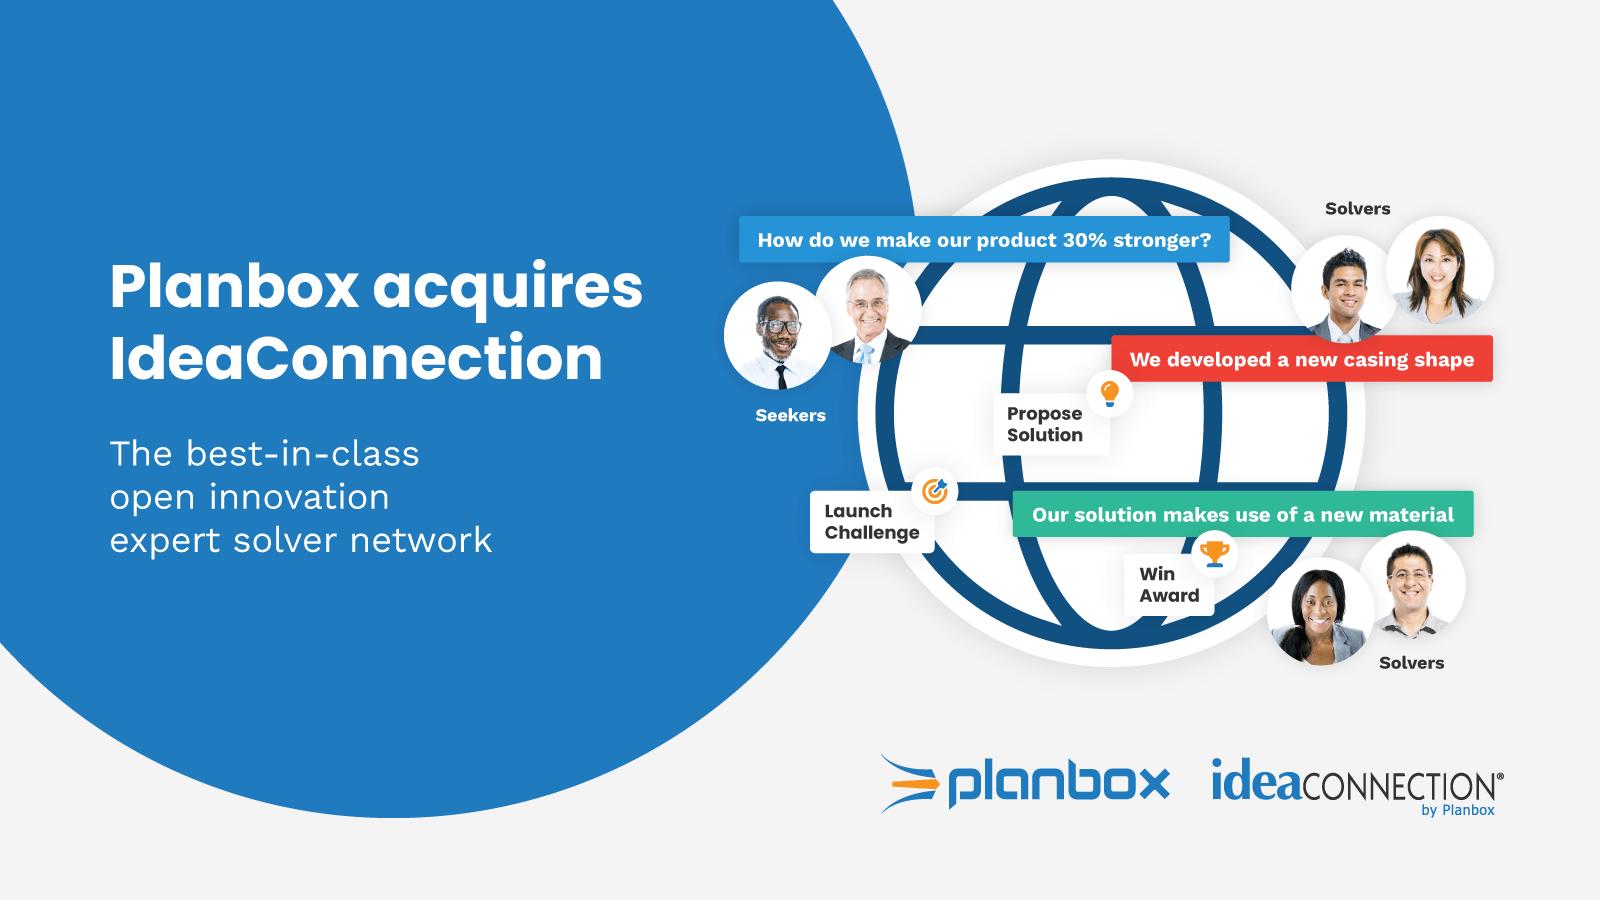 planbox ideaconnection